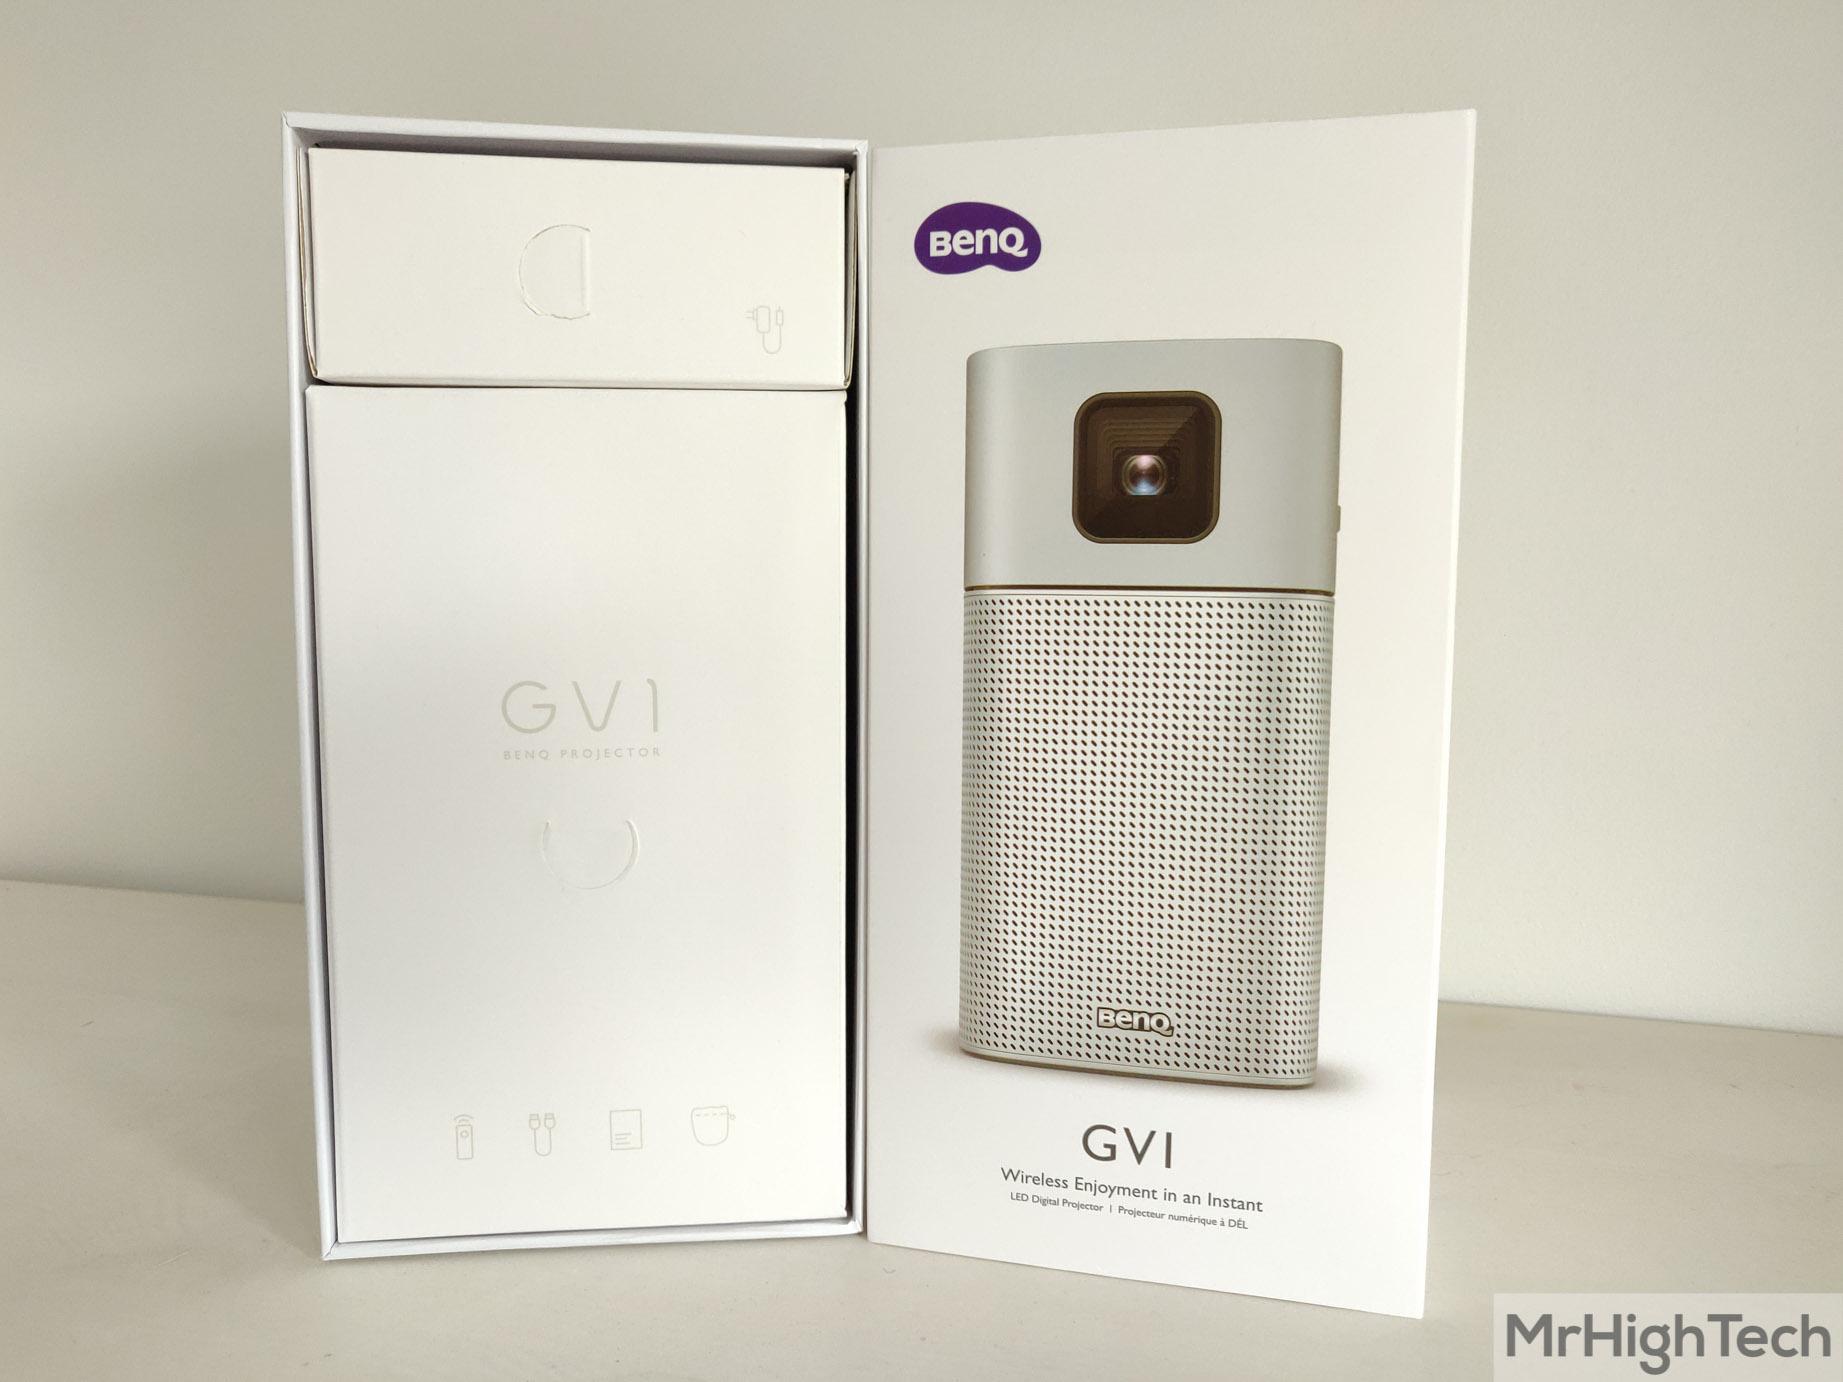 BenQ GV1